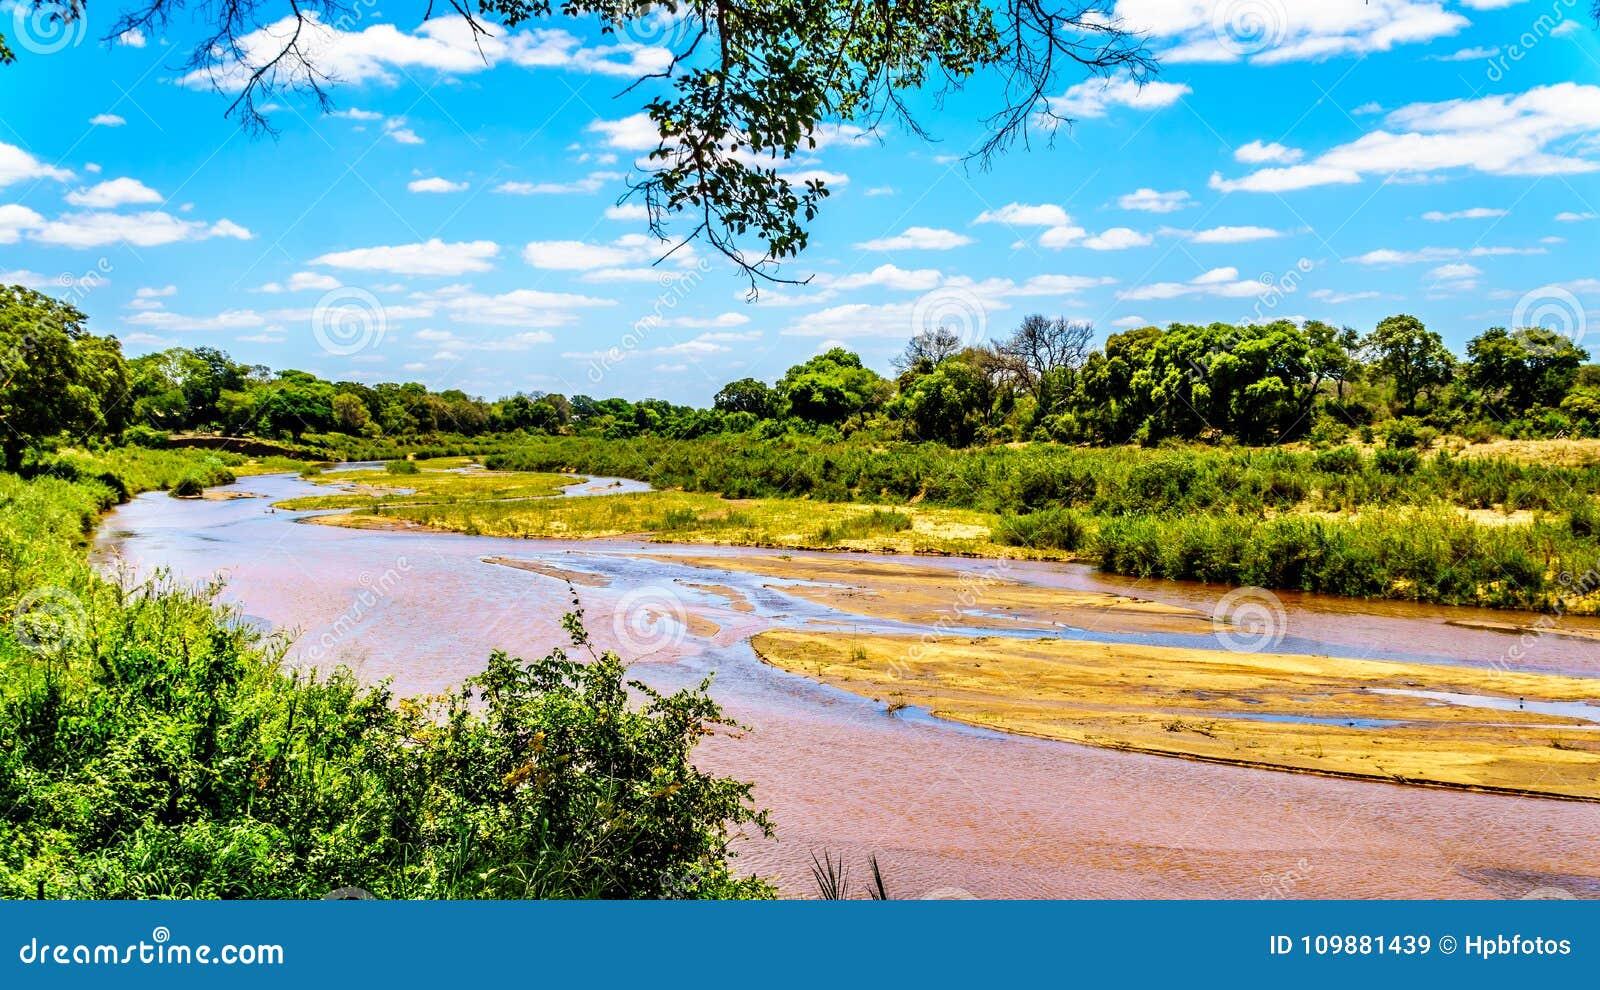 Sabie River casi seca en el final de la estación seca en el campo de resto de Skukuza en el parque nacional de Kruger